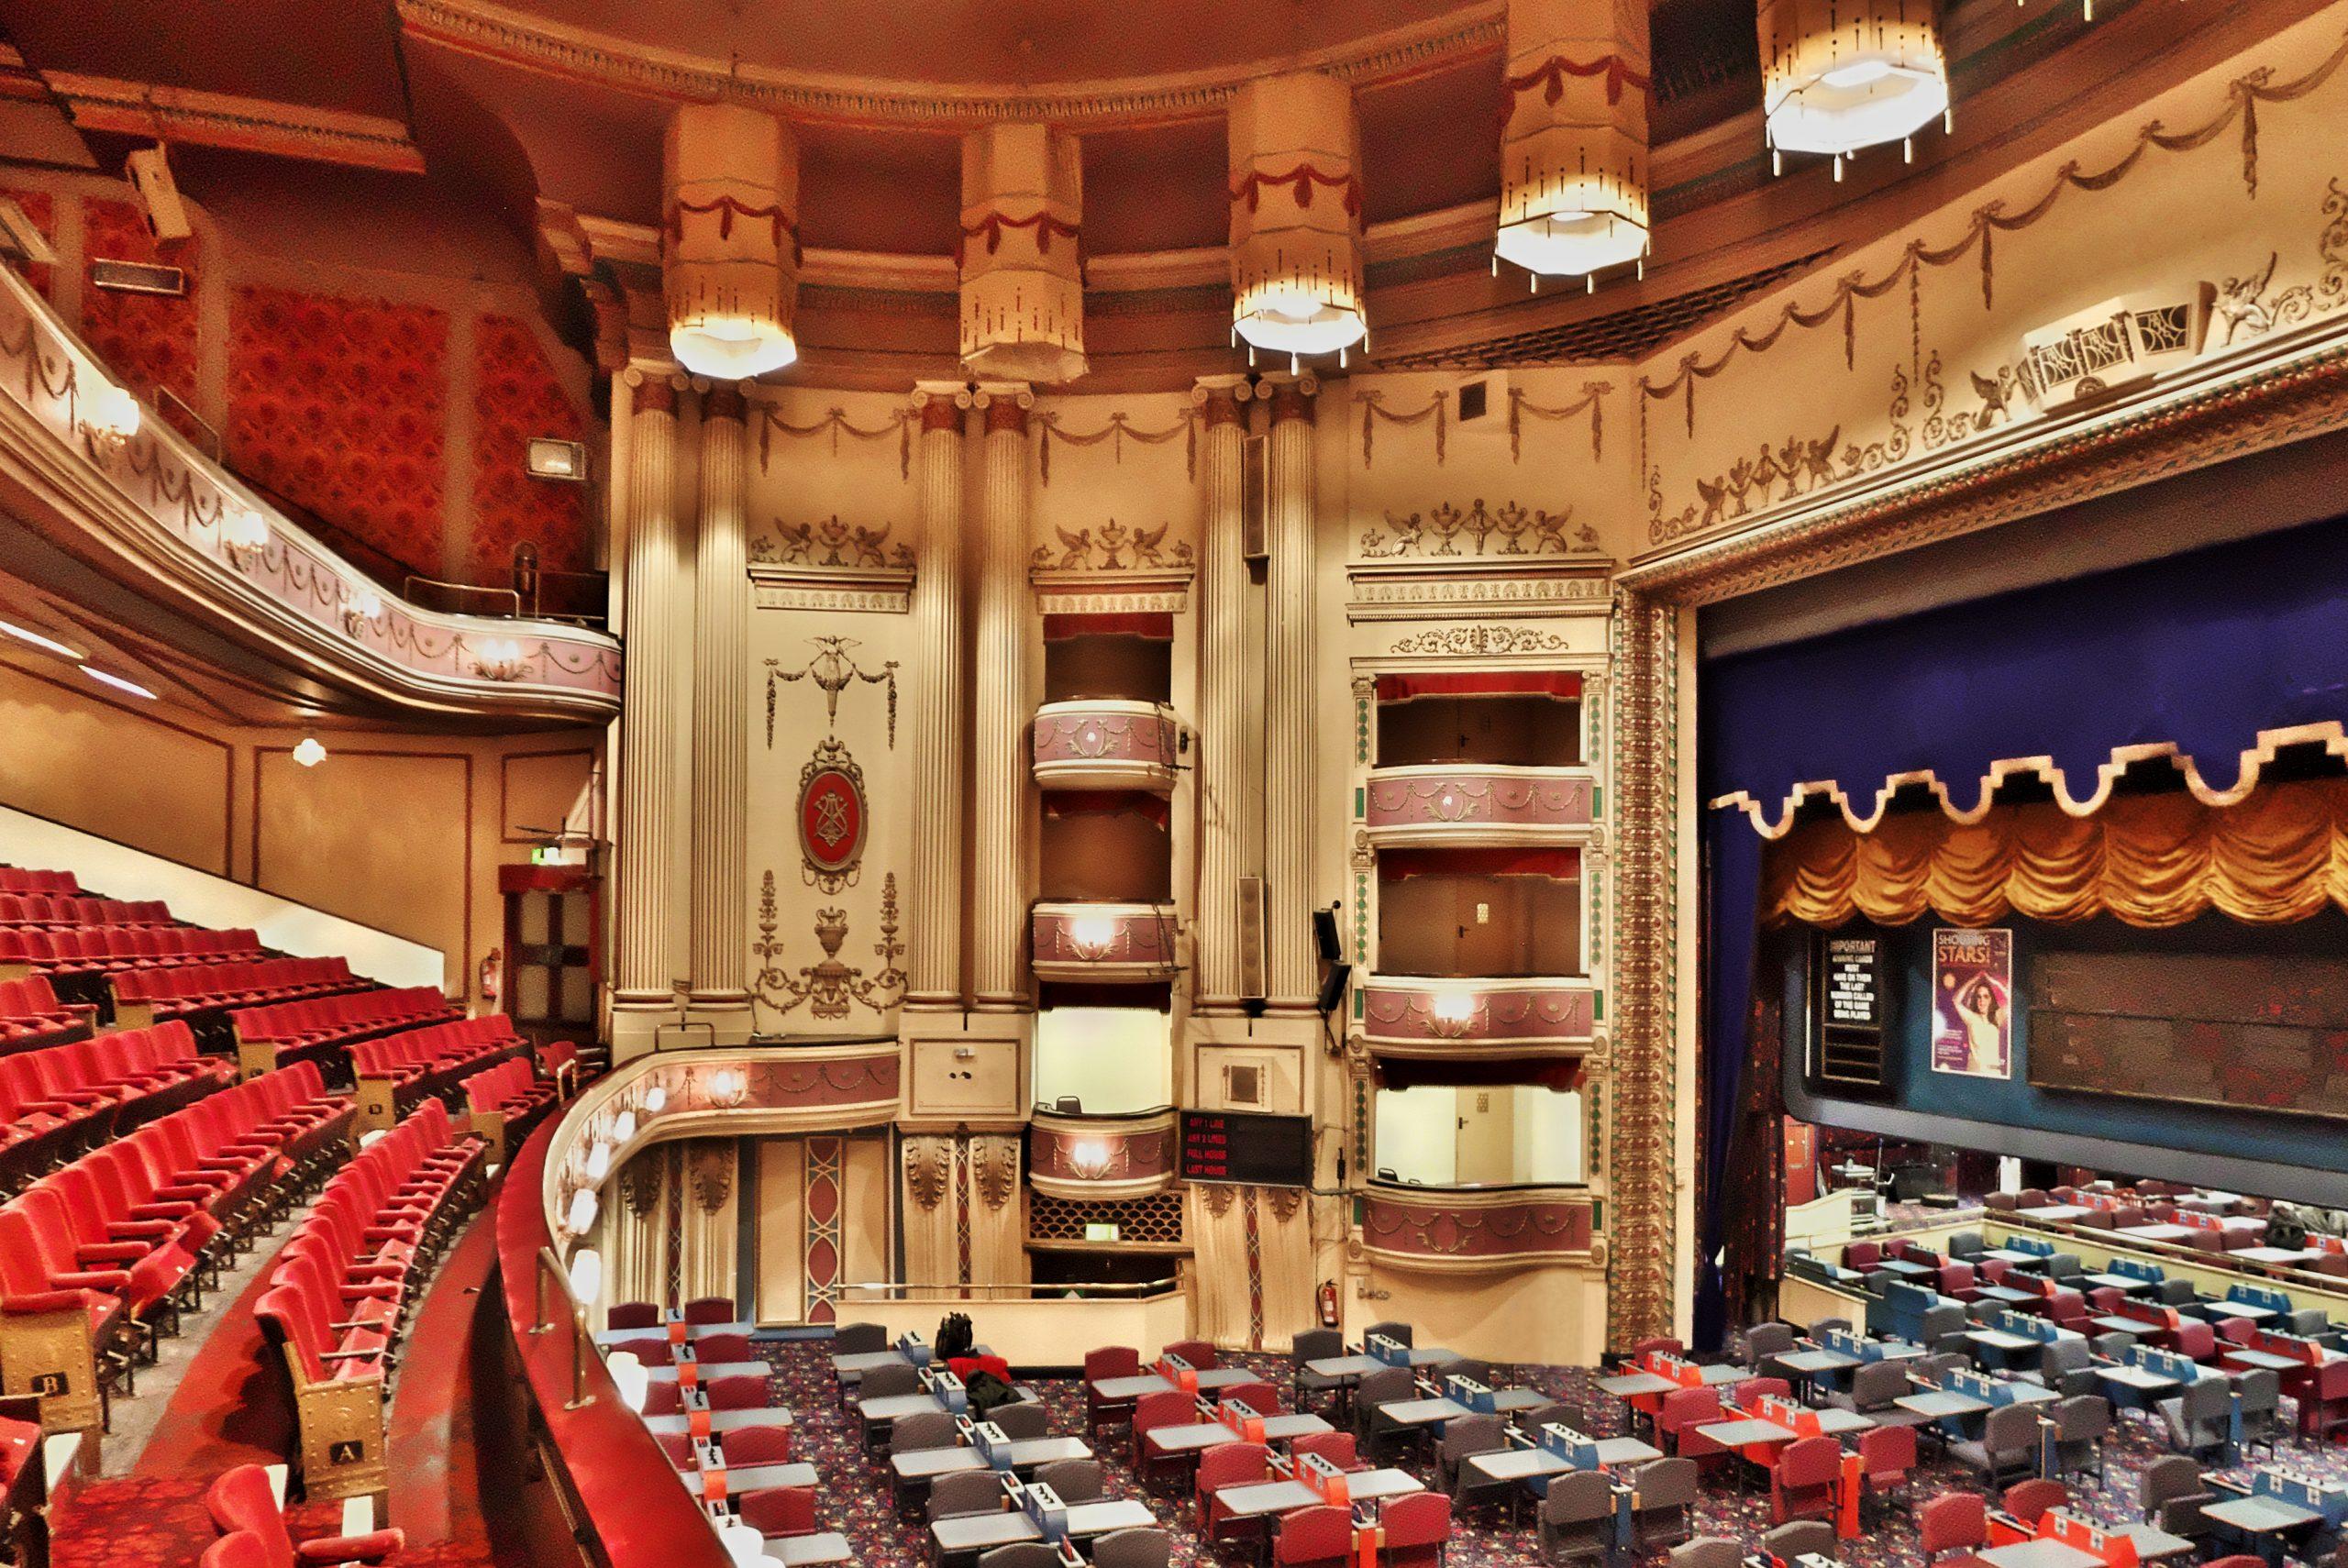 Auditorium – Left